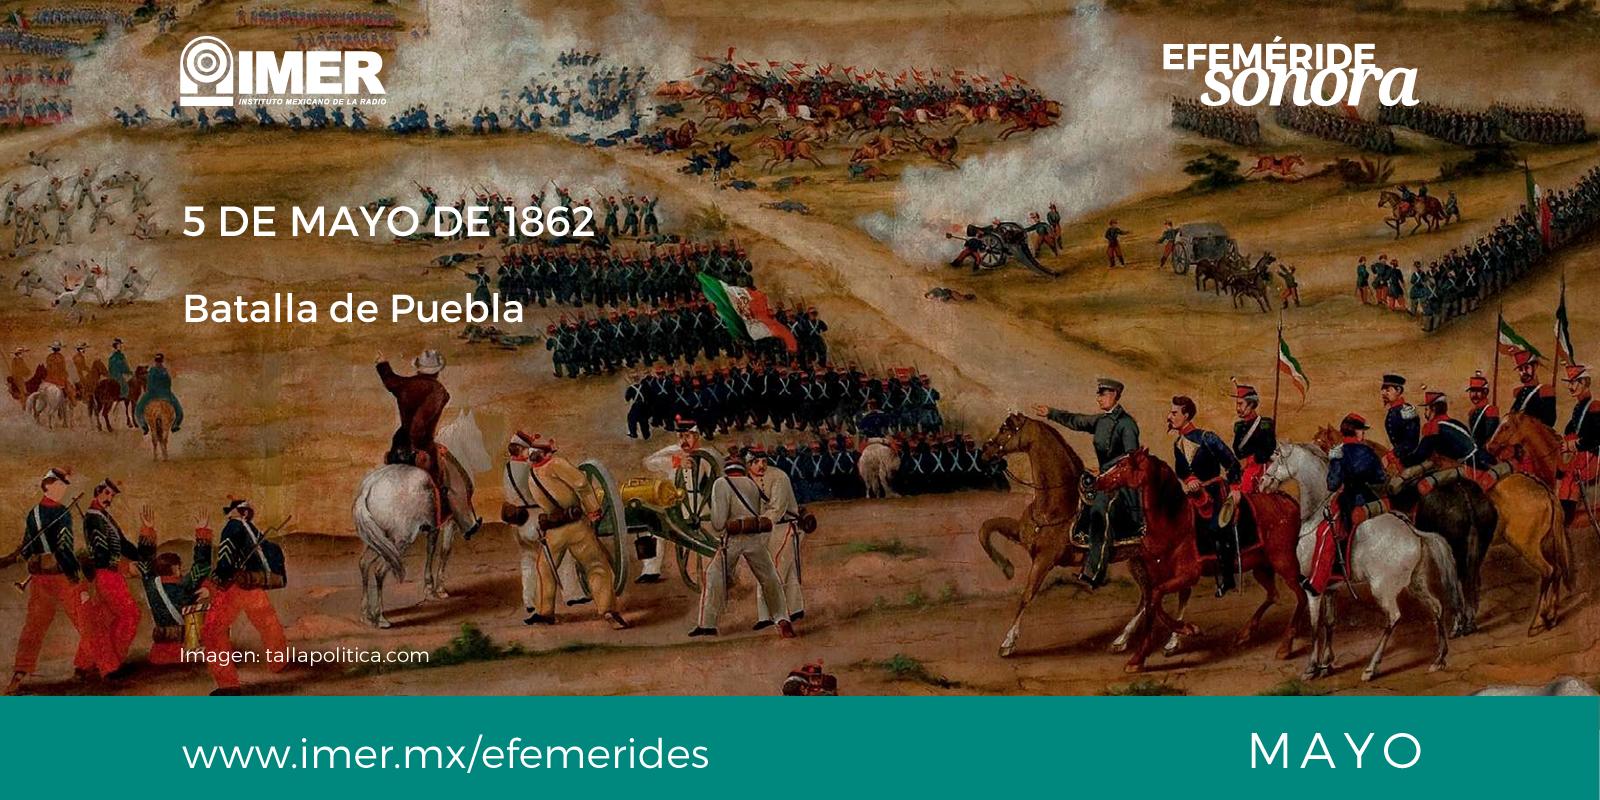 5 De Mayo De Batalla De Puebla Imer